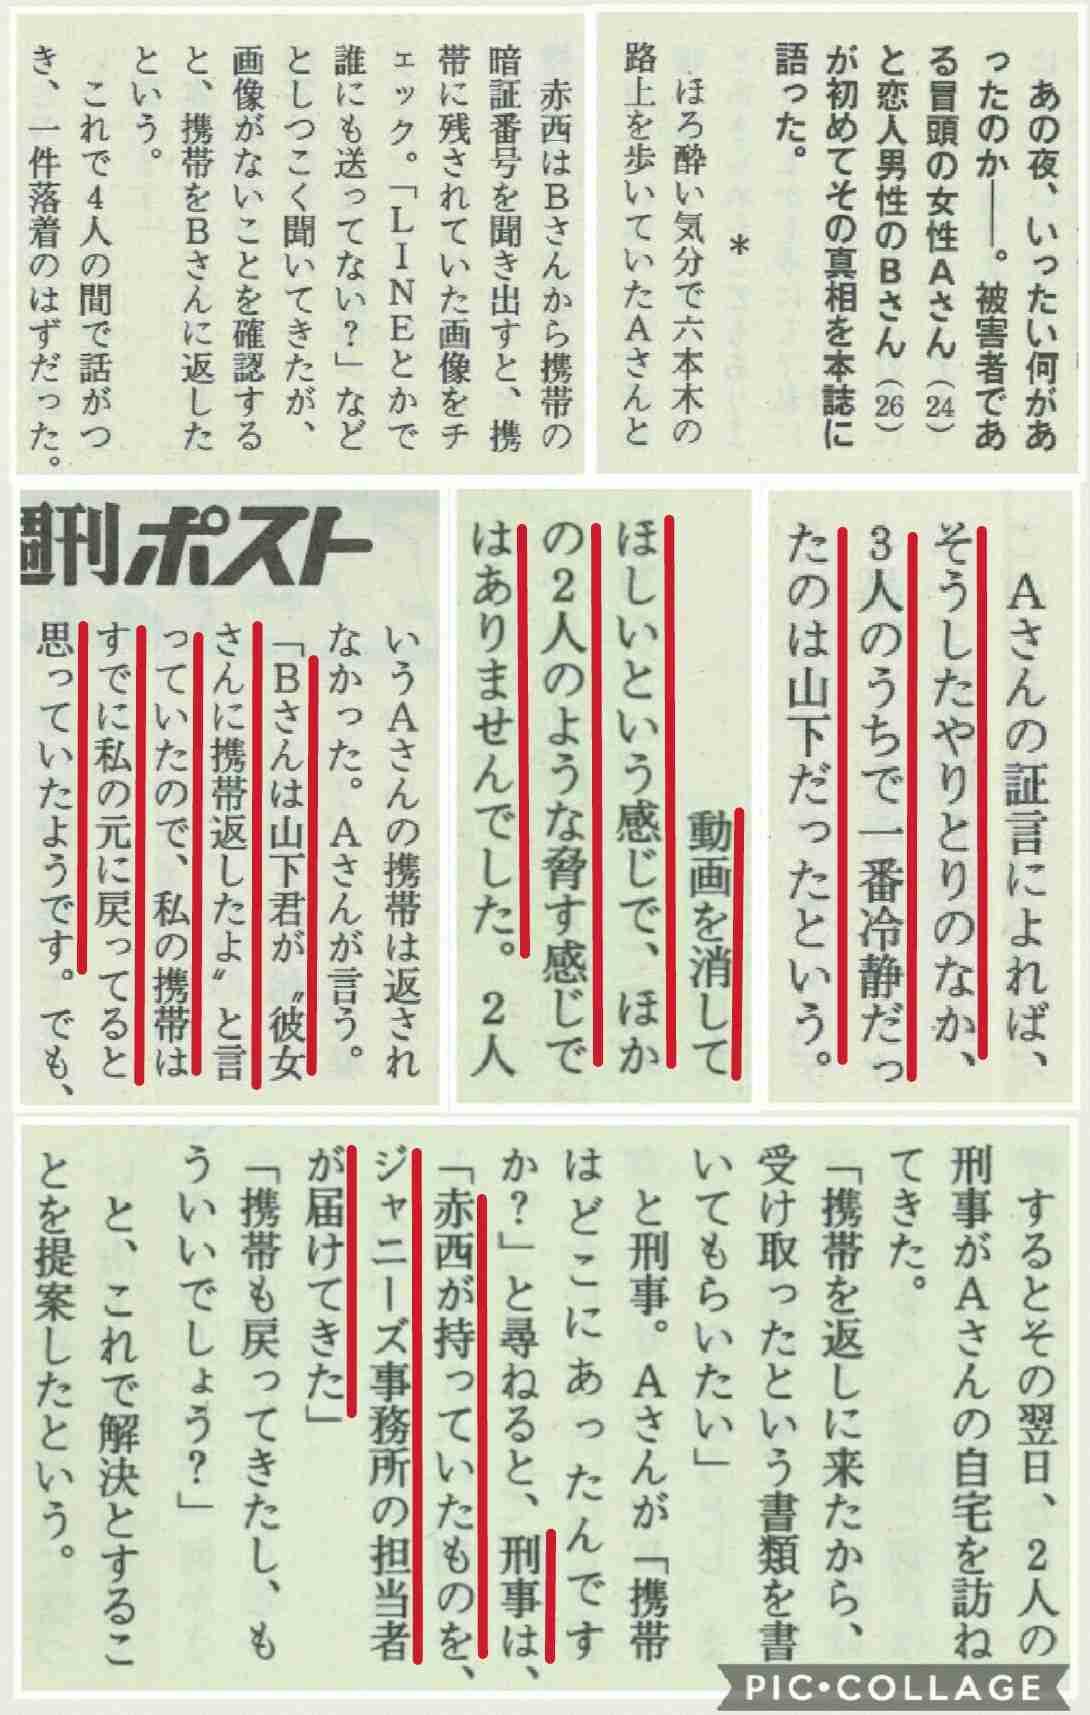 大河『西郷どん』新キャスト発表 錦戸亮、又吉直樹らが初出演